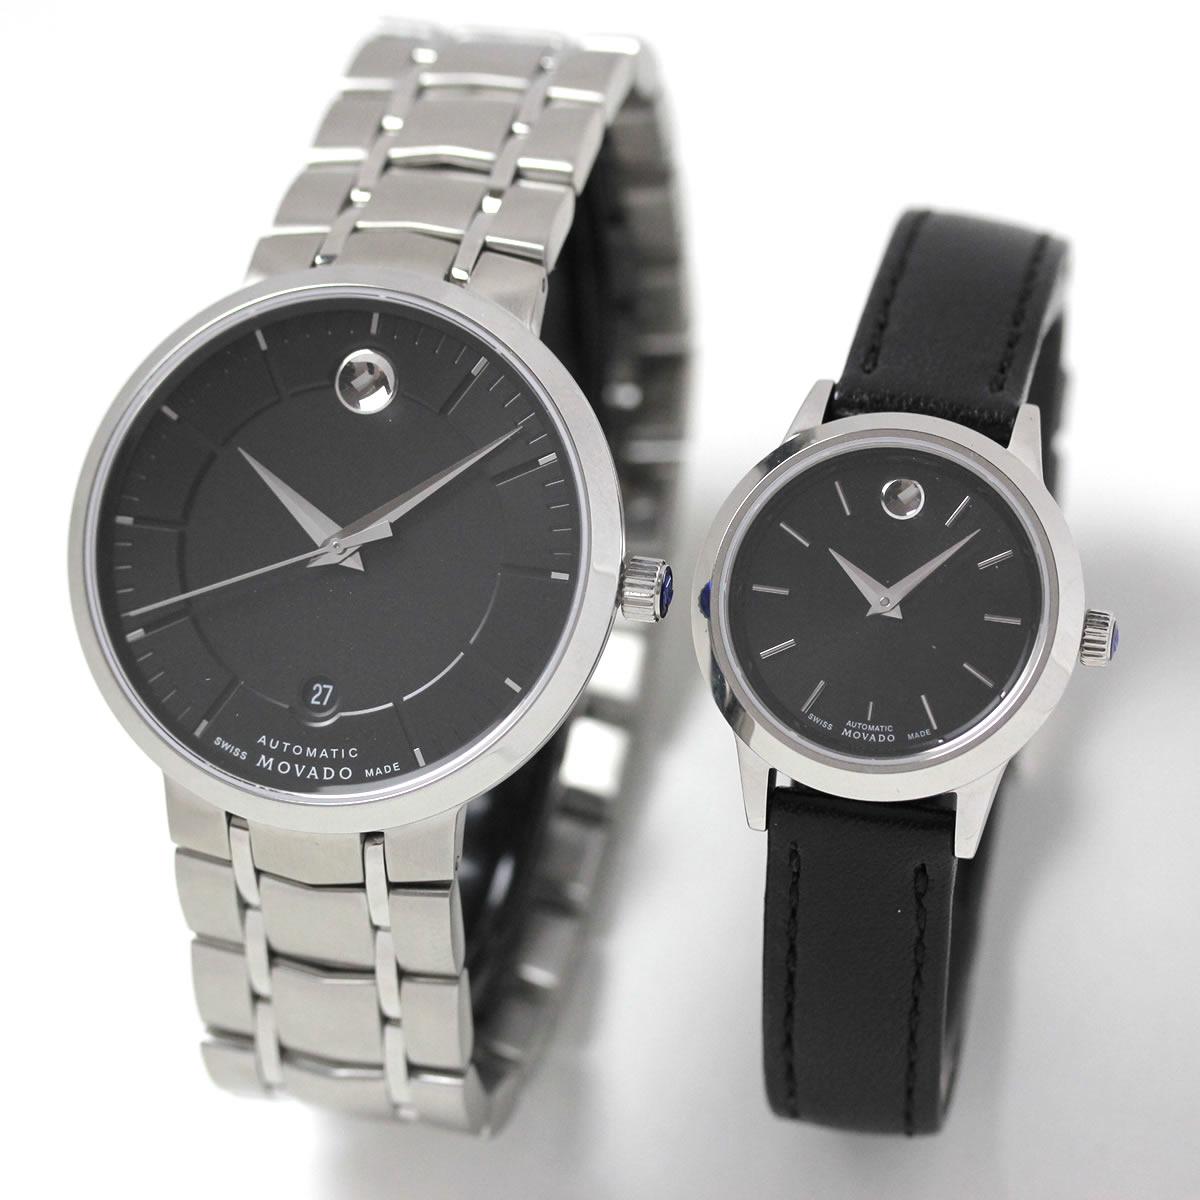 モバード 1881 AUTOMATIC ペア腕時計 m06069148103s-m06069238103l